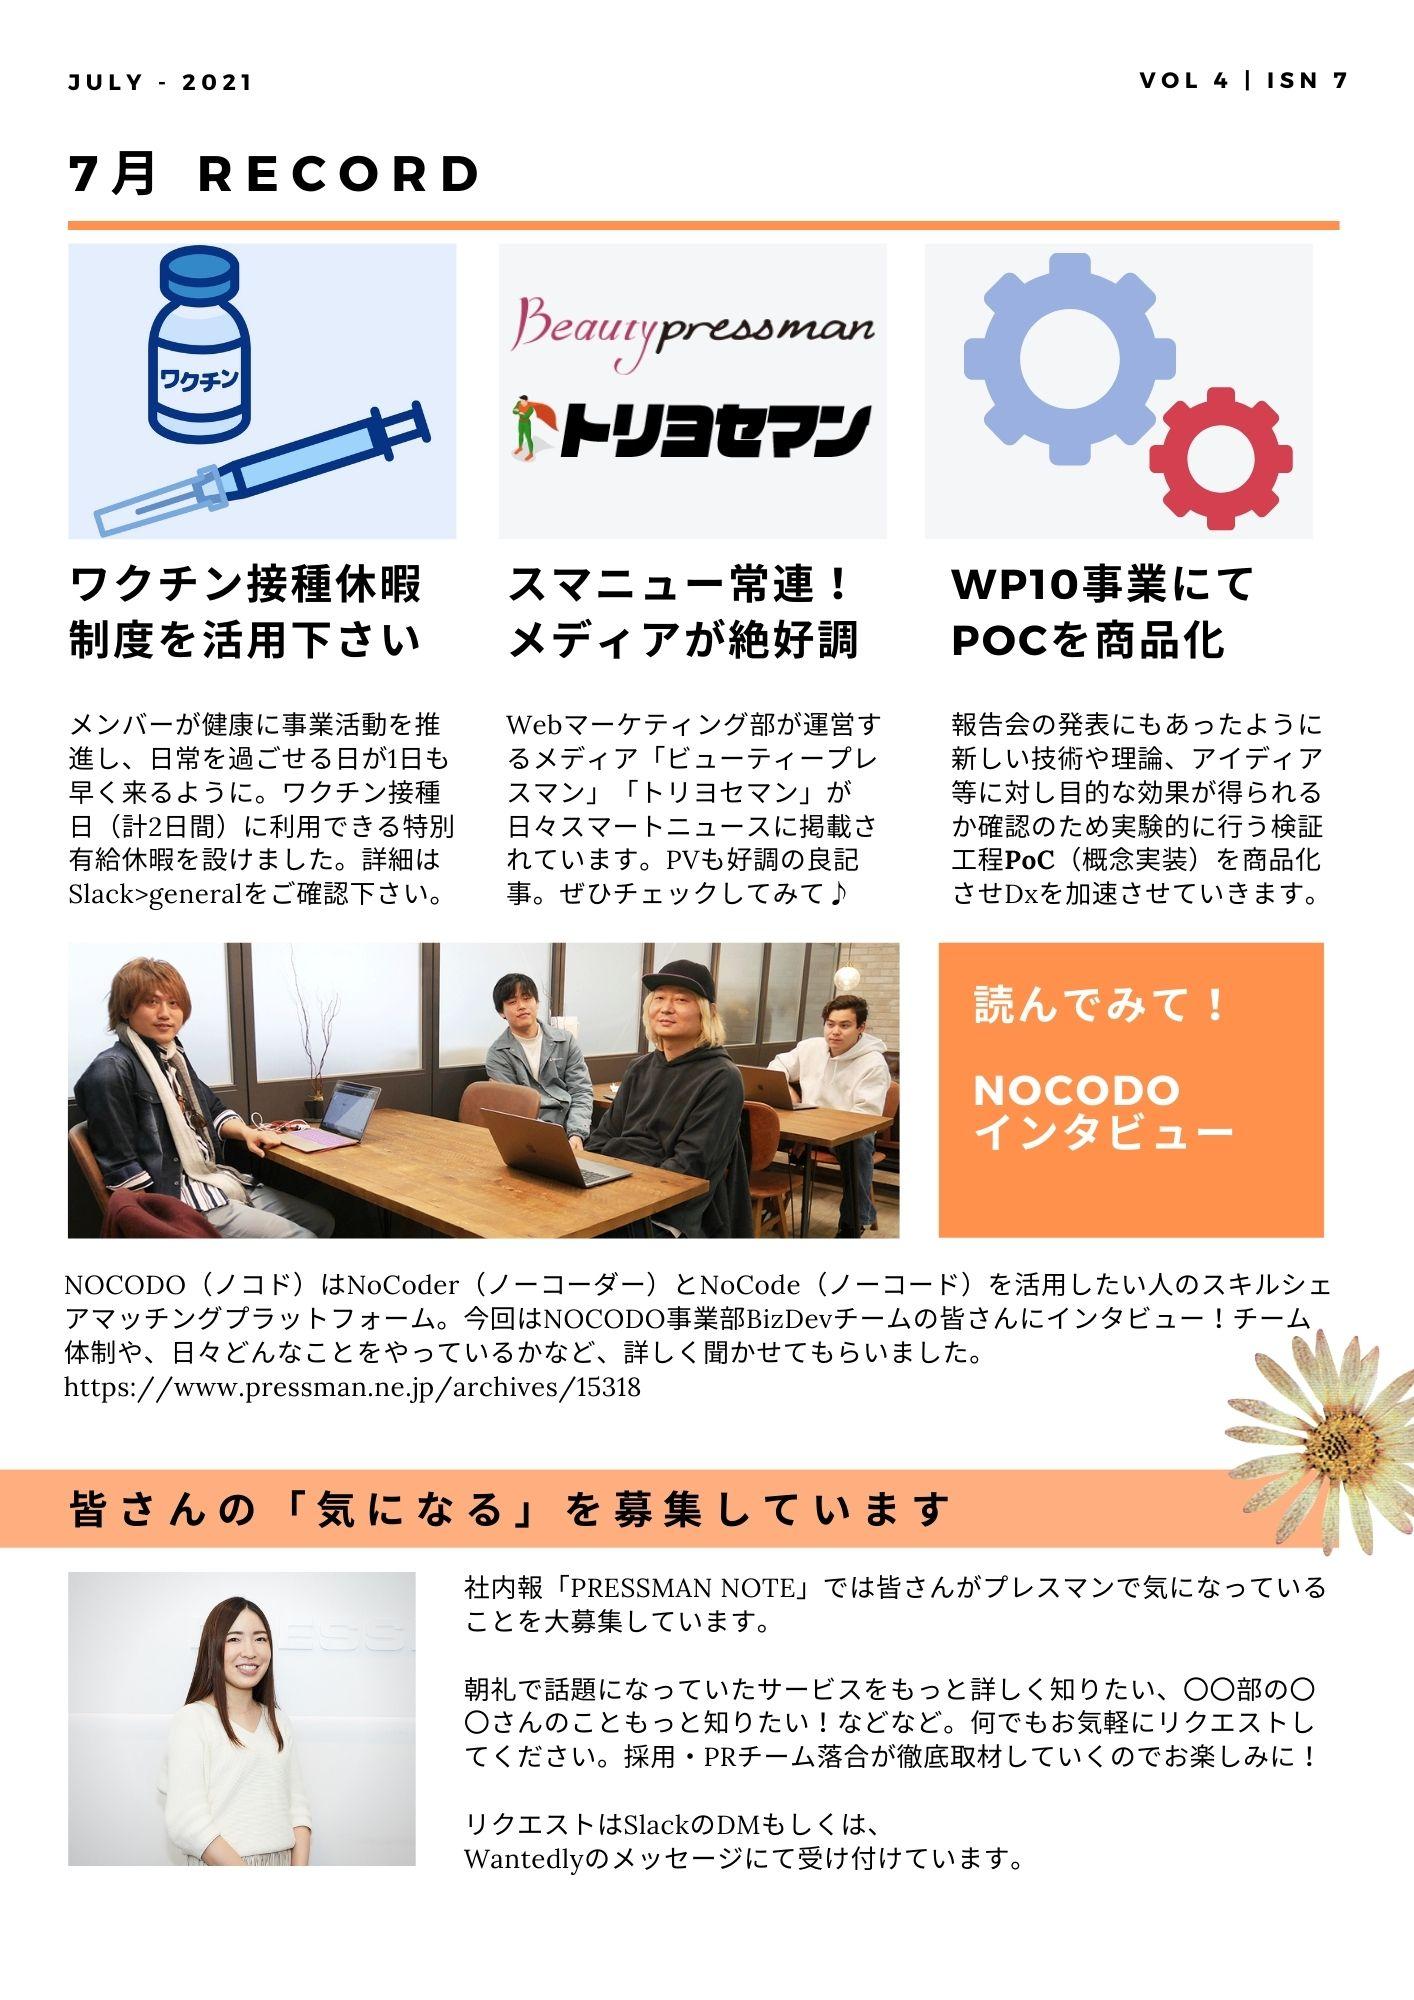 社内報/7月のお知らせ